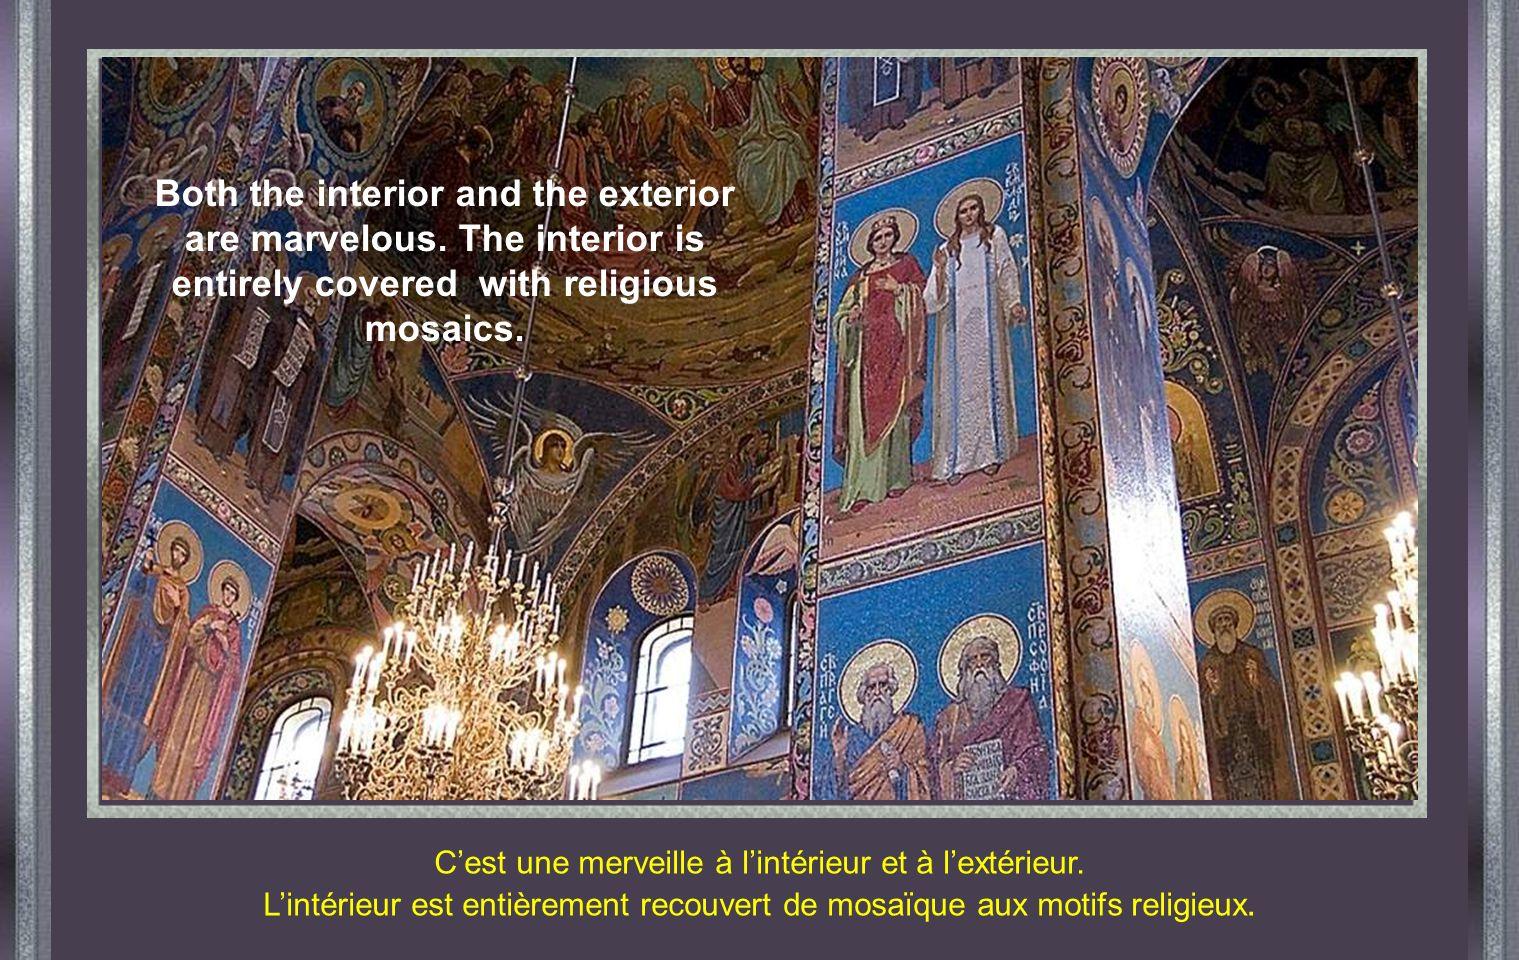 KIEV - RUSSIE Cathédrale SAINT MICHEL 1919 fut lannée la plus dramatique, lorsque le régime soviétique confisqua et détruisit des centaines déglises.